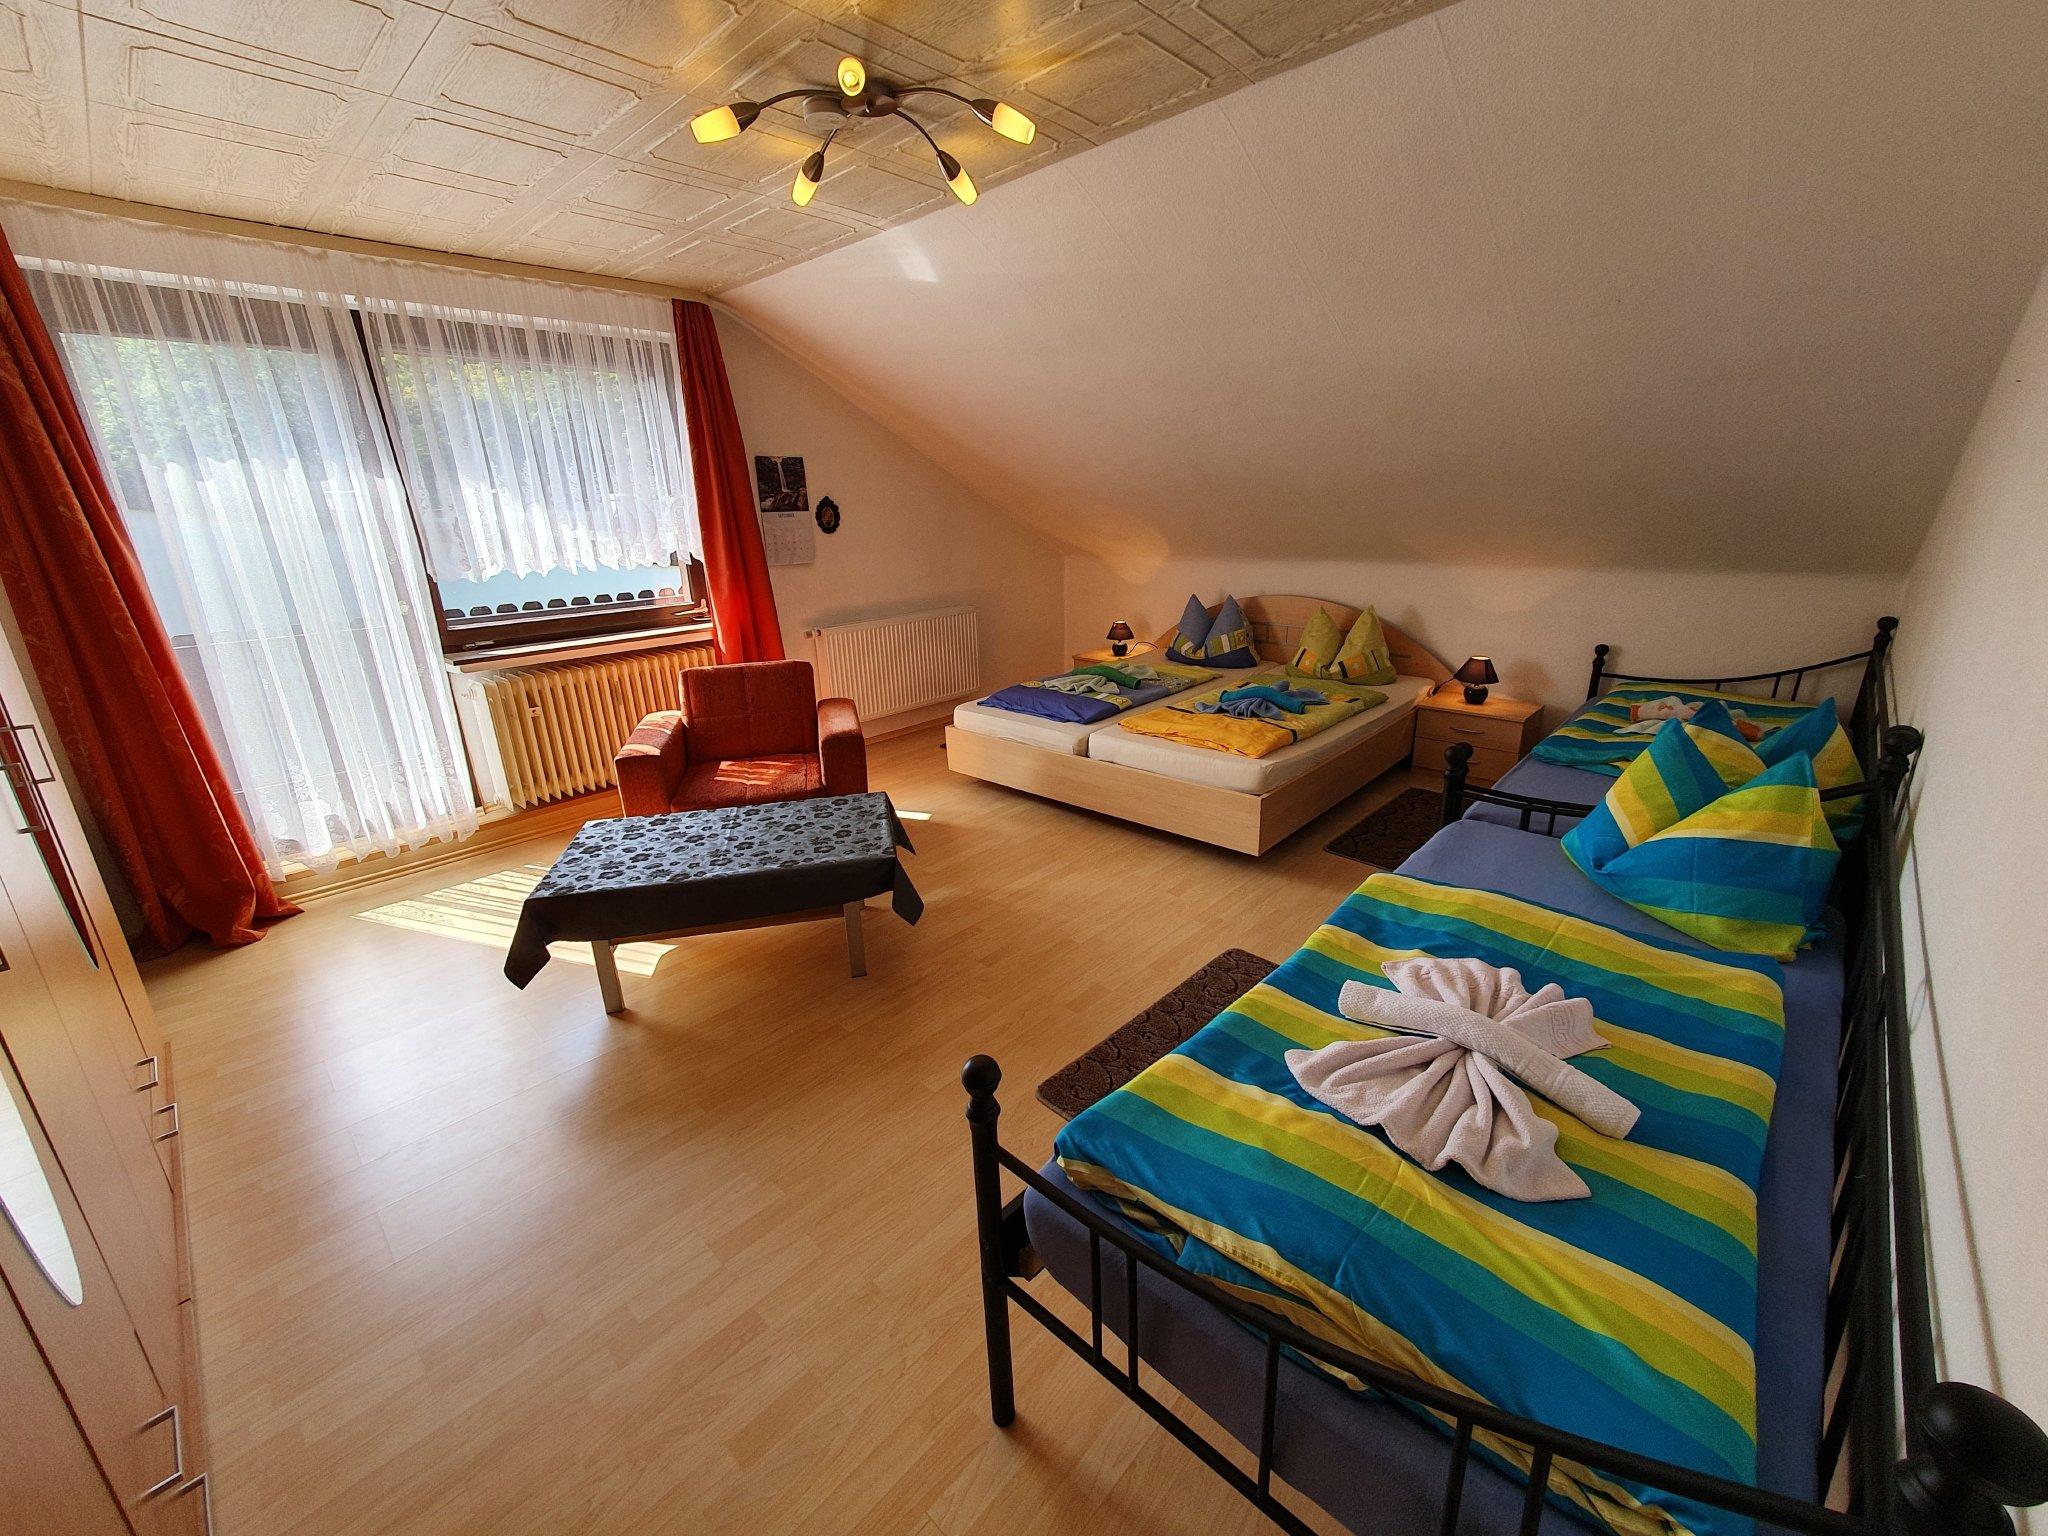 eins der 7 Schlafzimmer